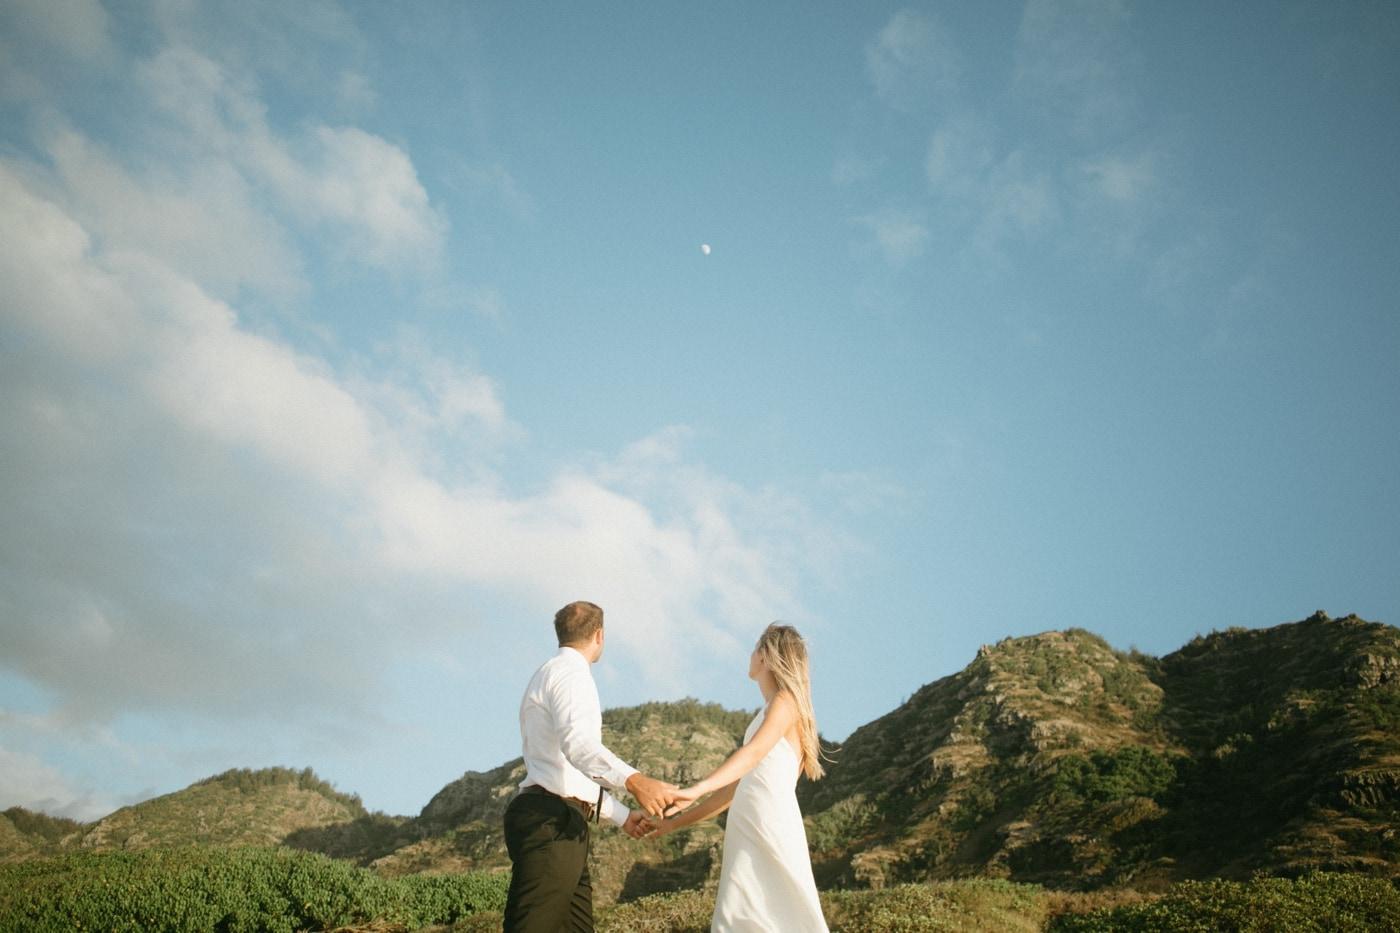 Adventure wedding bridals